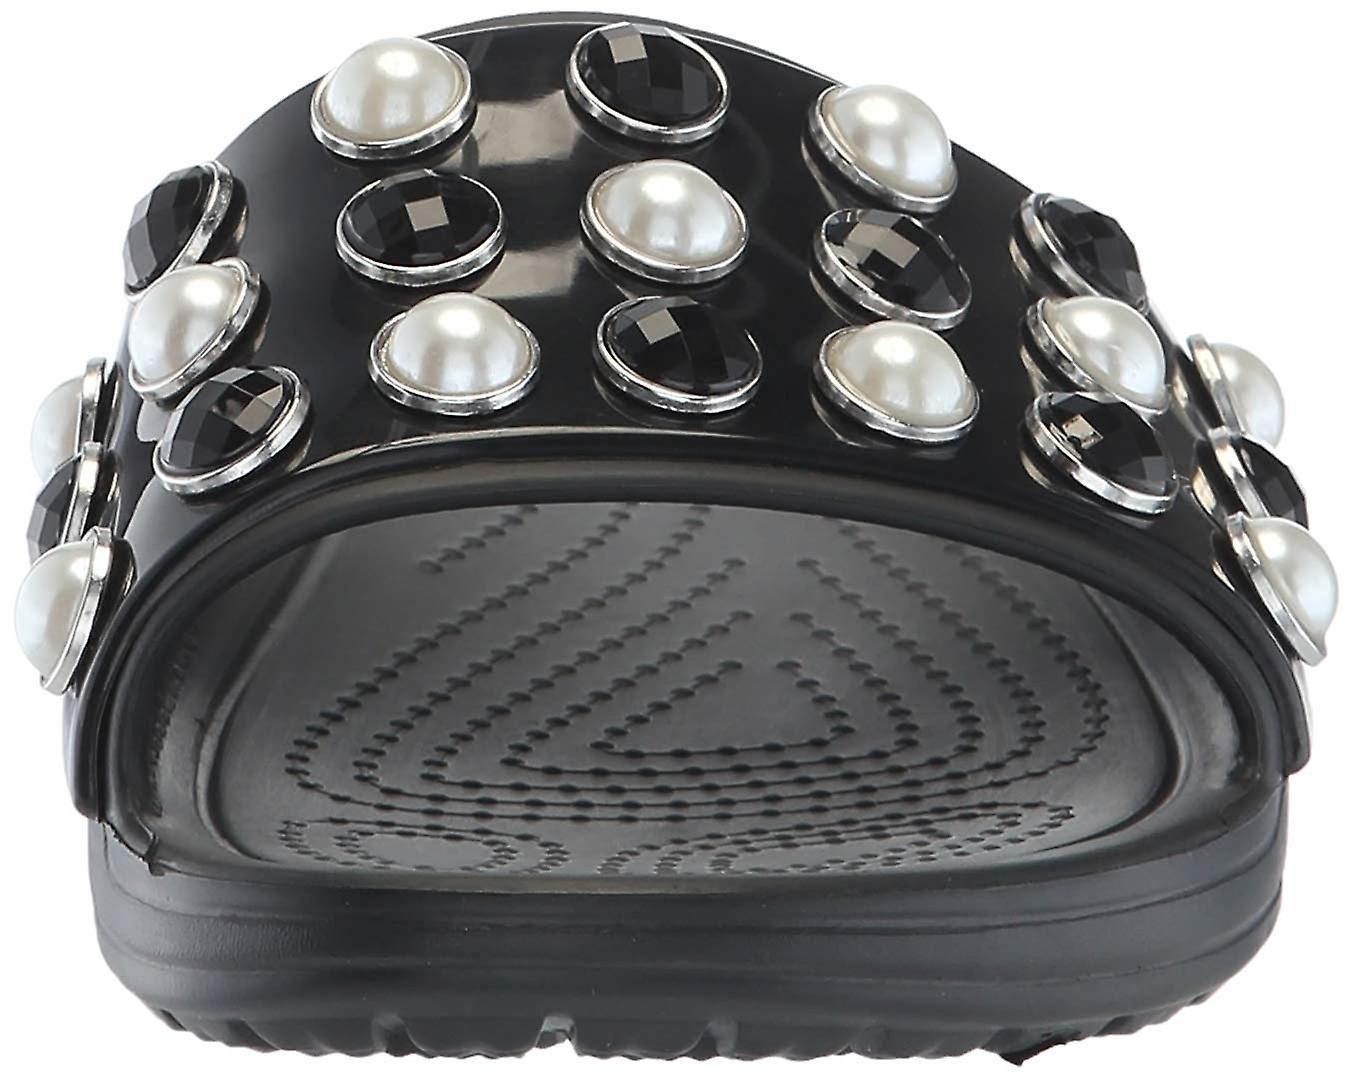 Crocs kobiet Sloane ponadczasowe perły slajdów Sandal 9HgR5